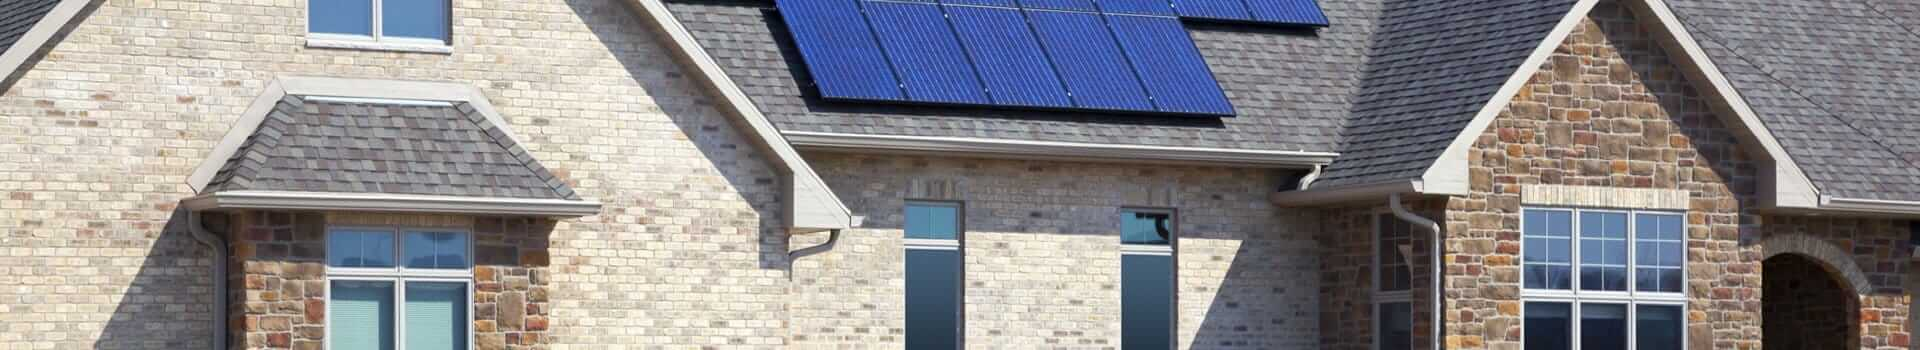 Bentek solar residential solutons